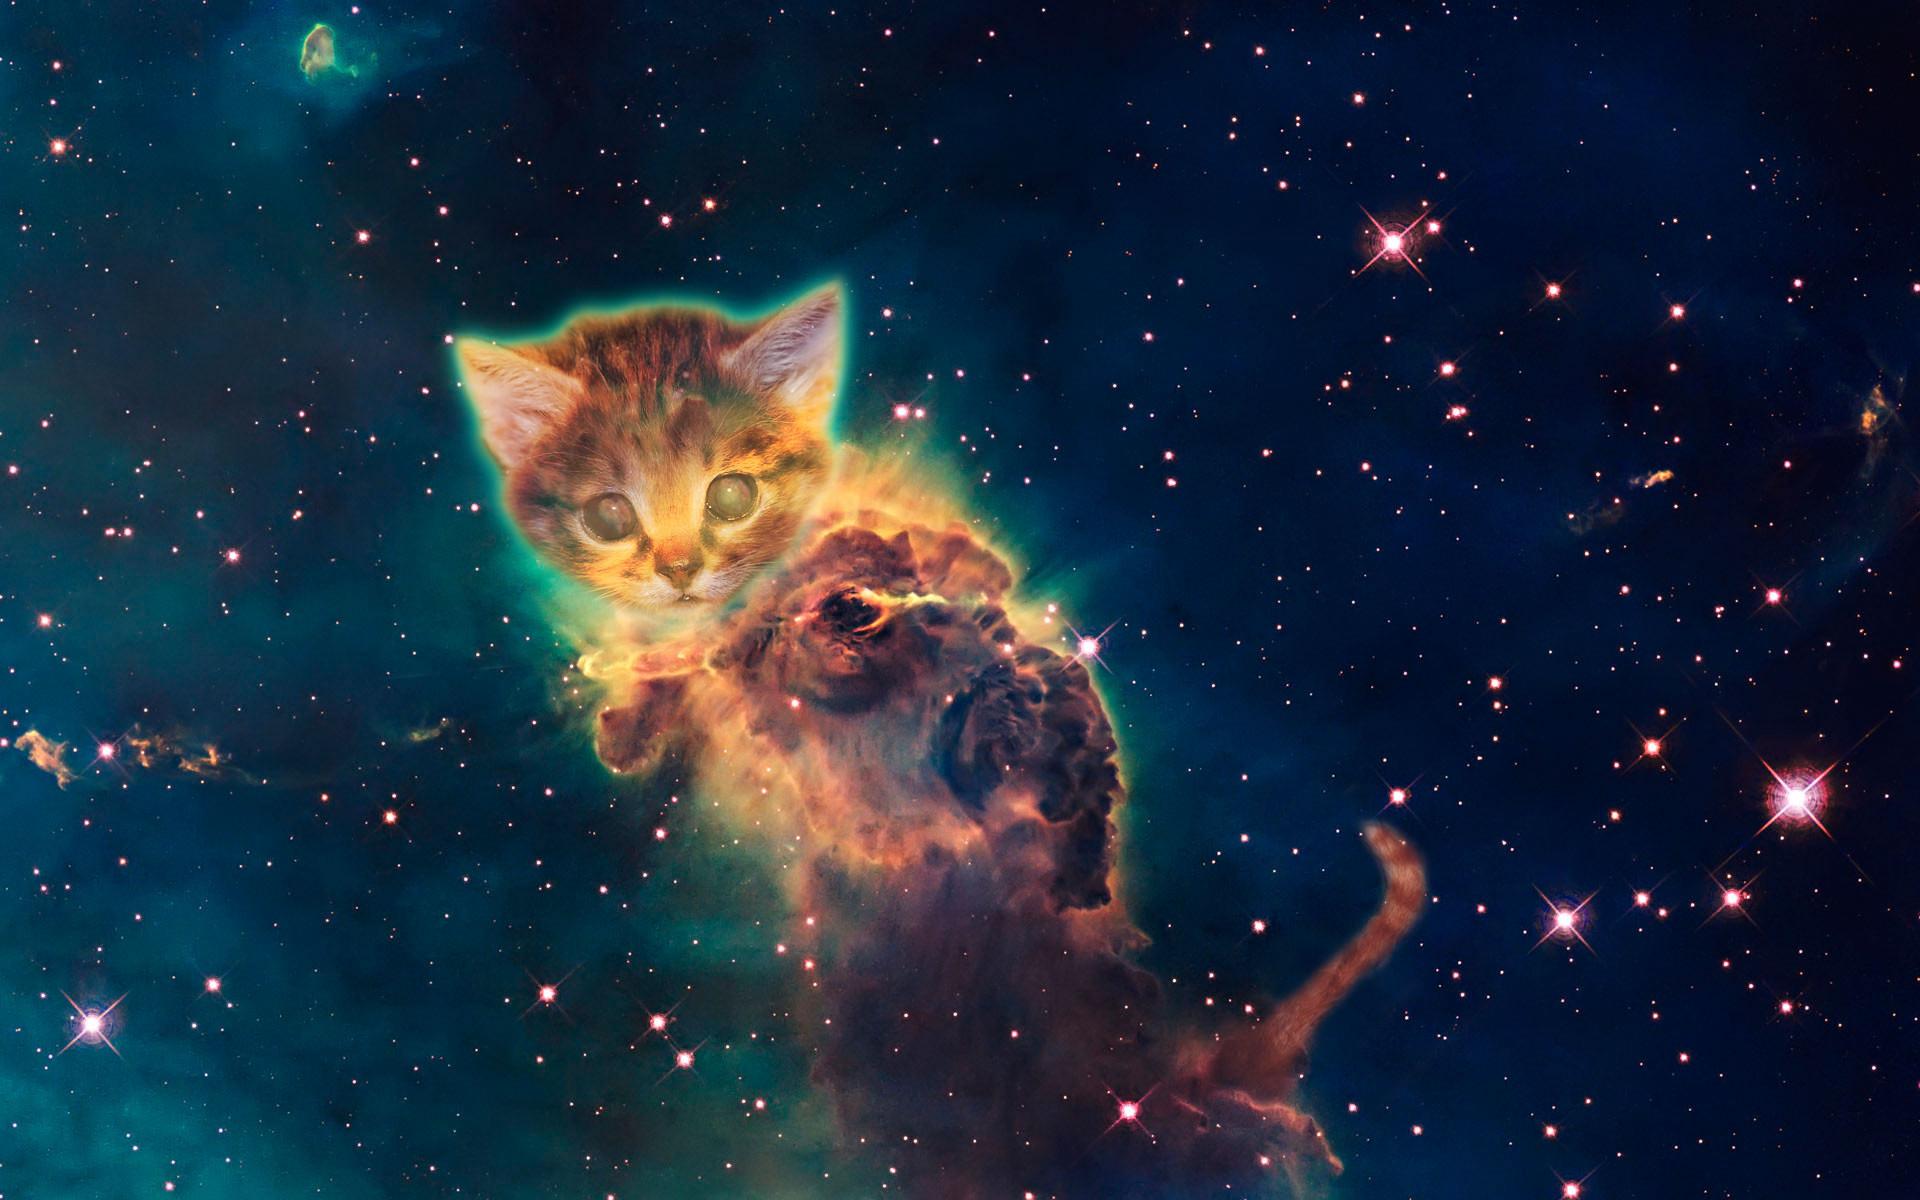 1920x1200 Galaxy Cat Wallpaper